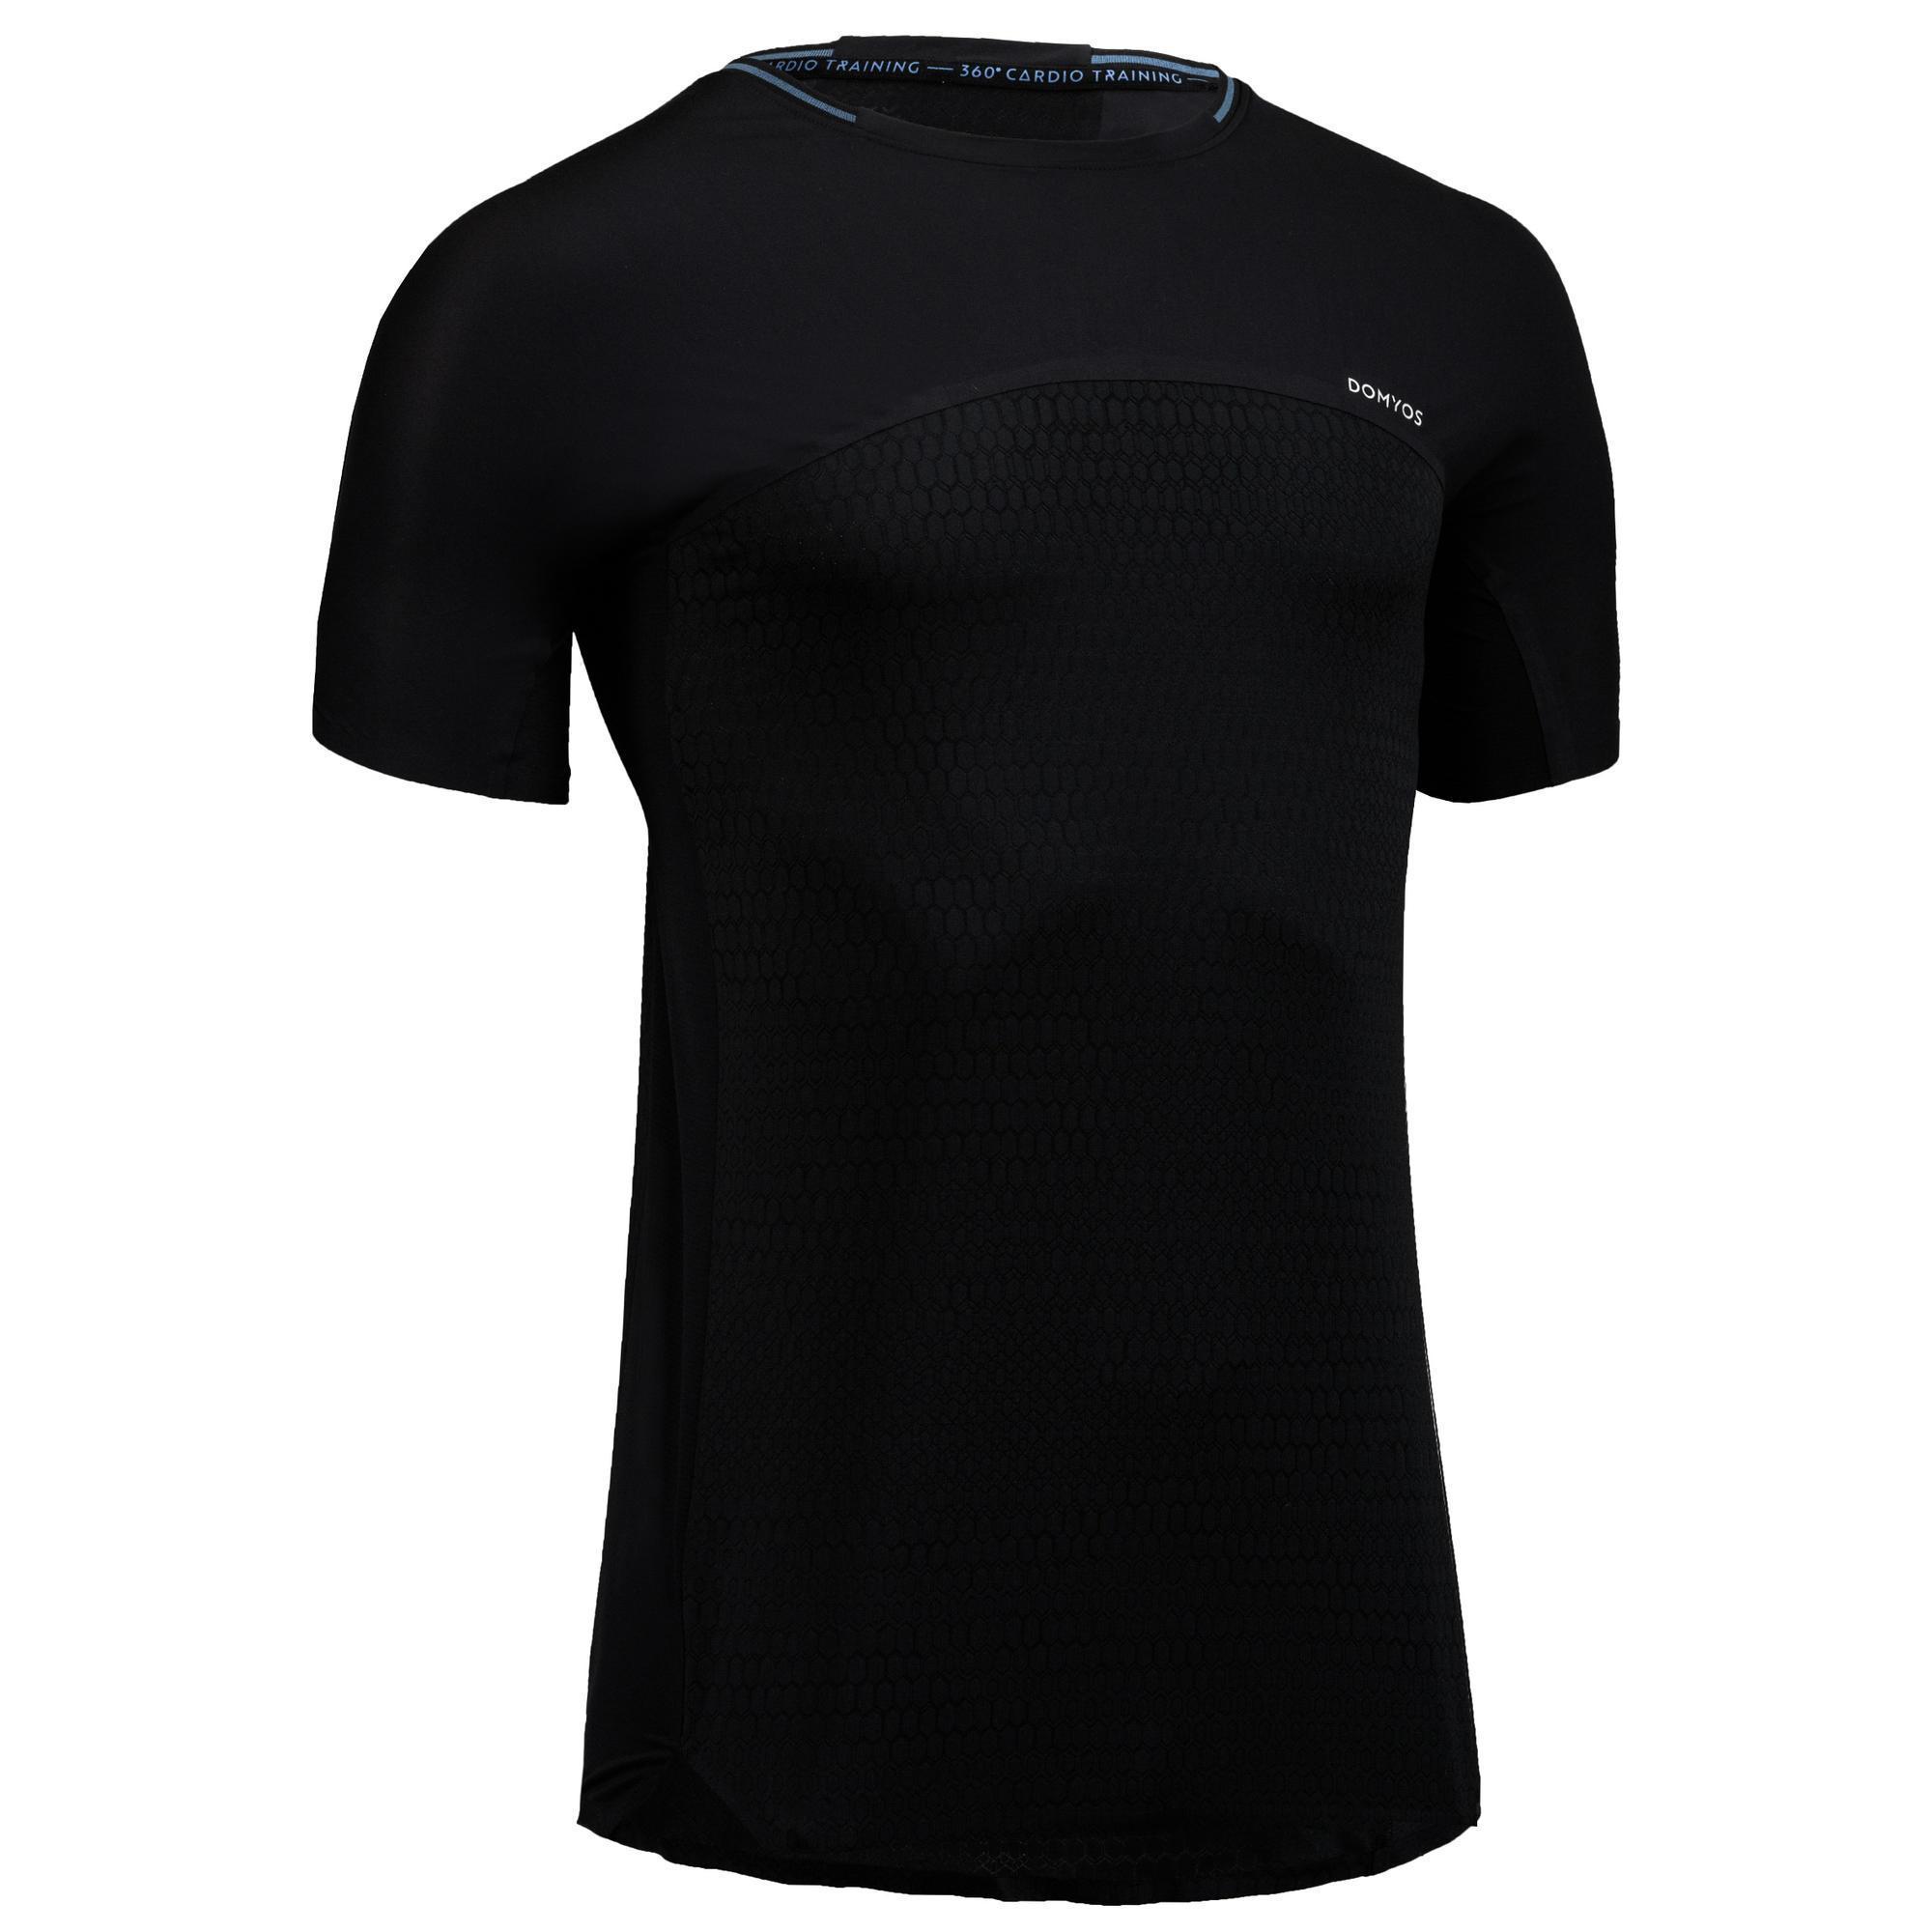 0b7cad34af05dd Domyos fitness shirt fitness shirt fts 920 voor heren. voor fervente  fitnessers, fans van